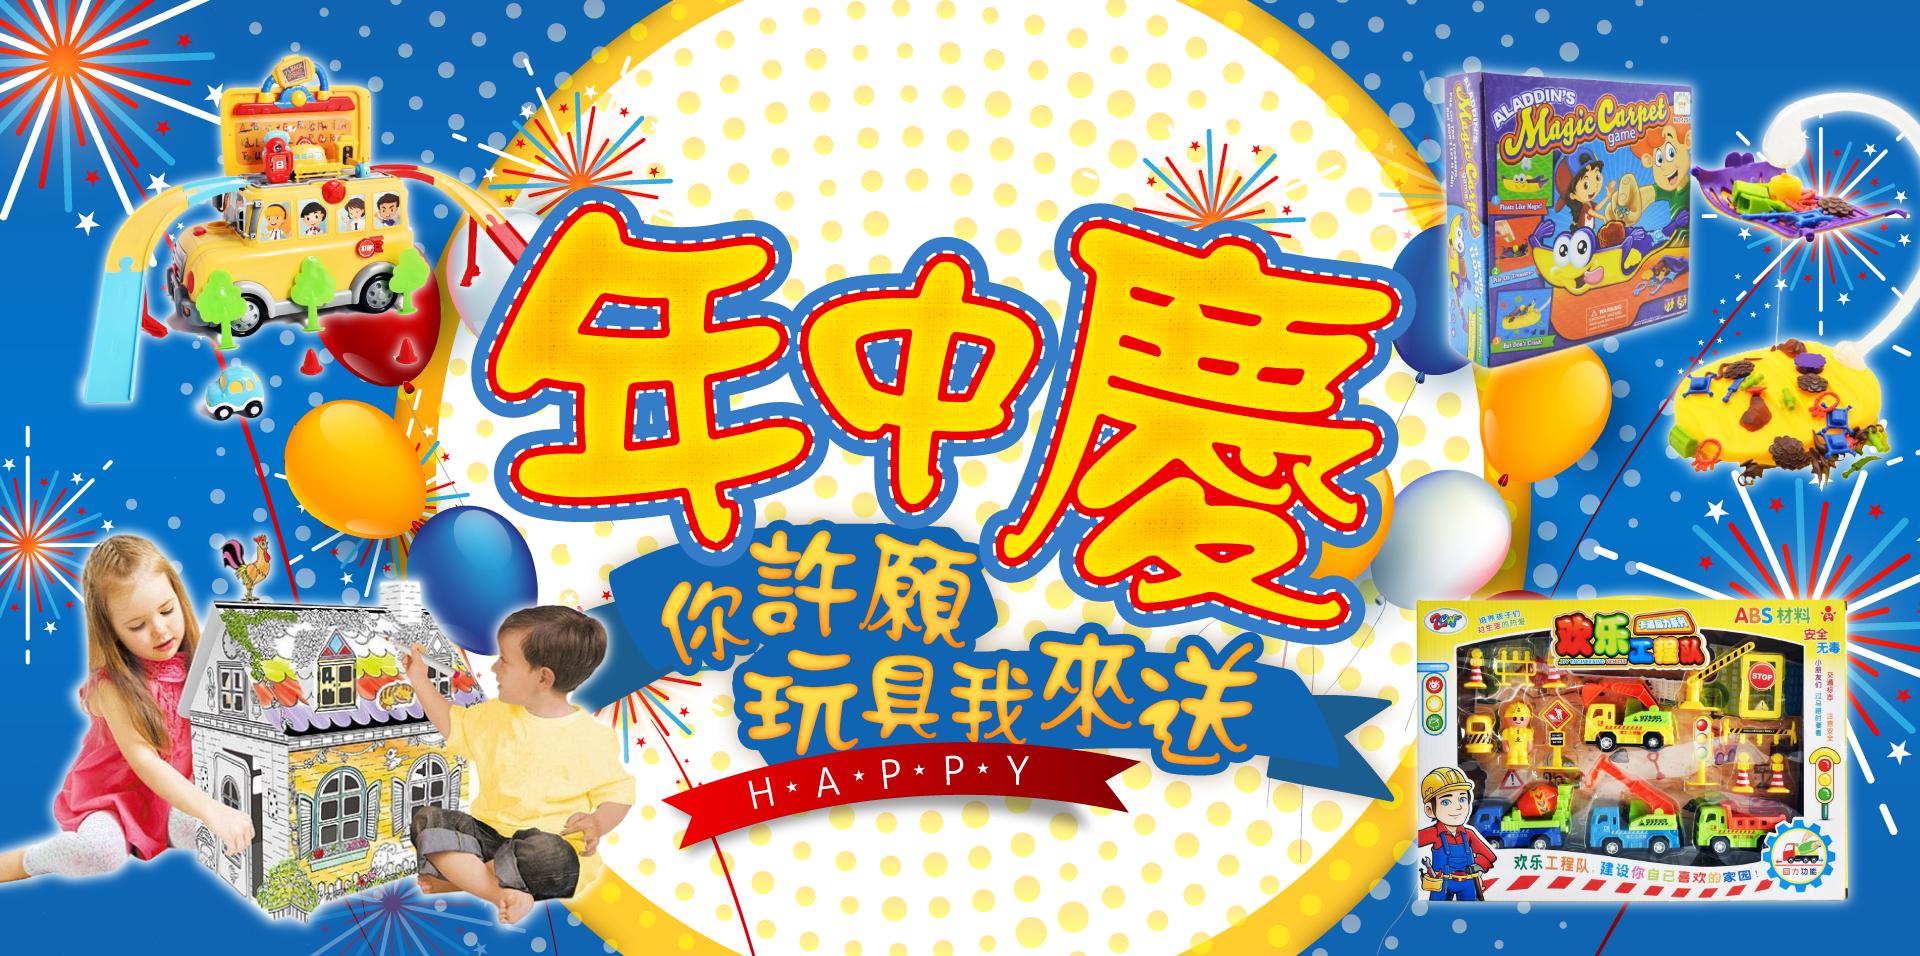 年中慶banner